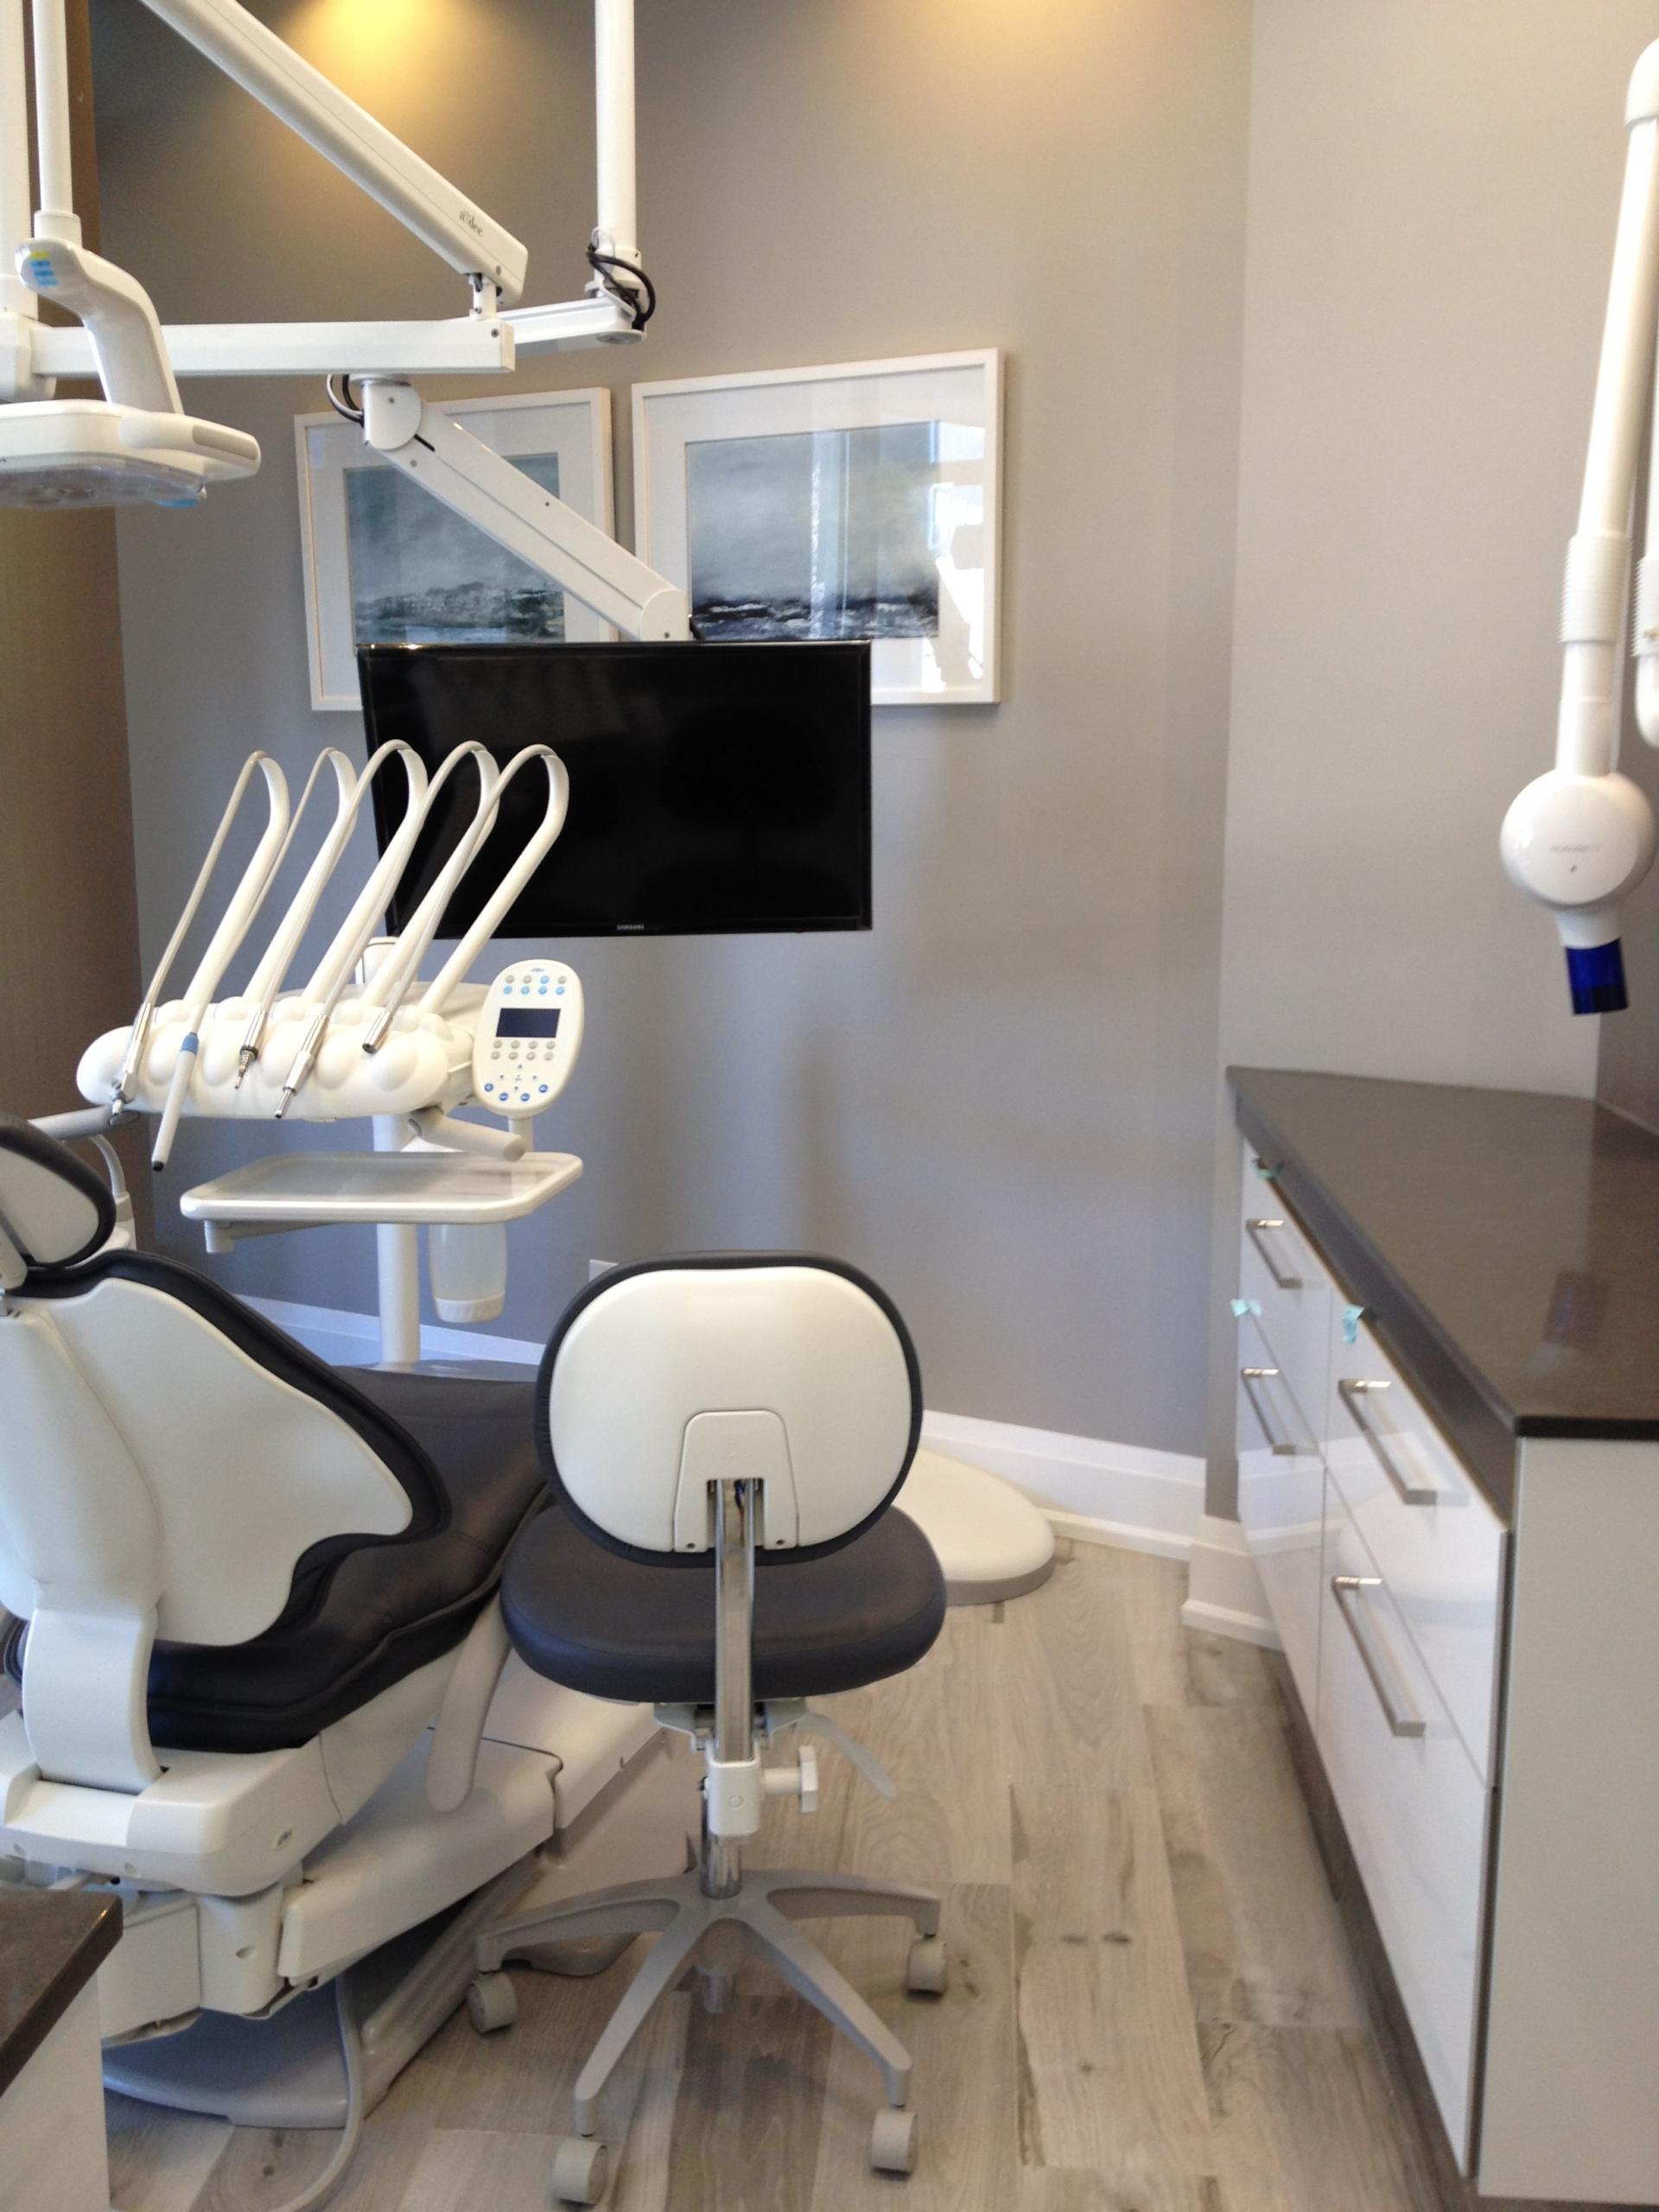 equipos-biomedicos_Bacterias de la boca- Mediodeinfecciones nosocomiales